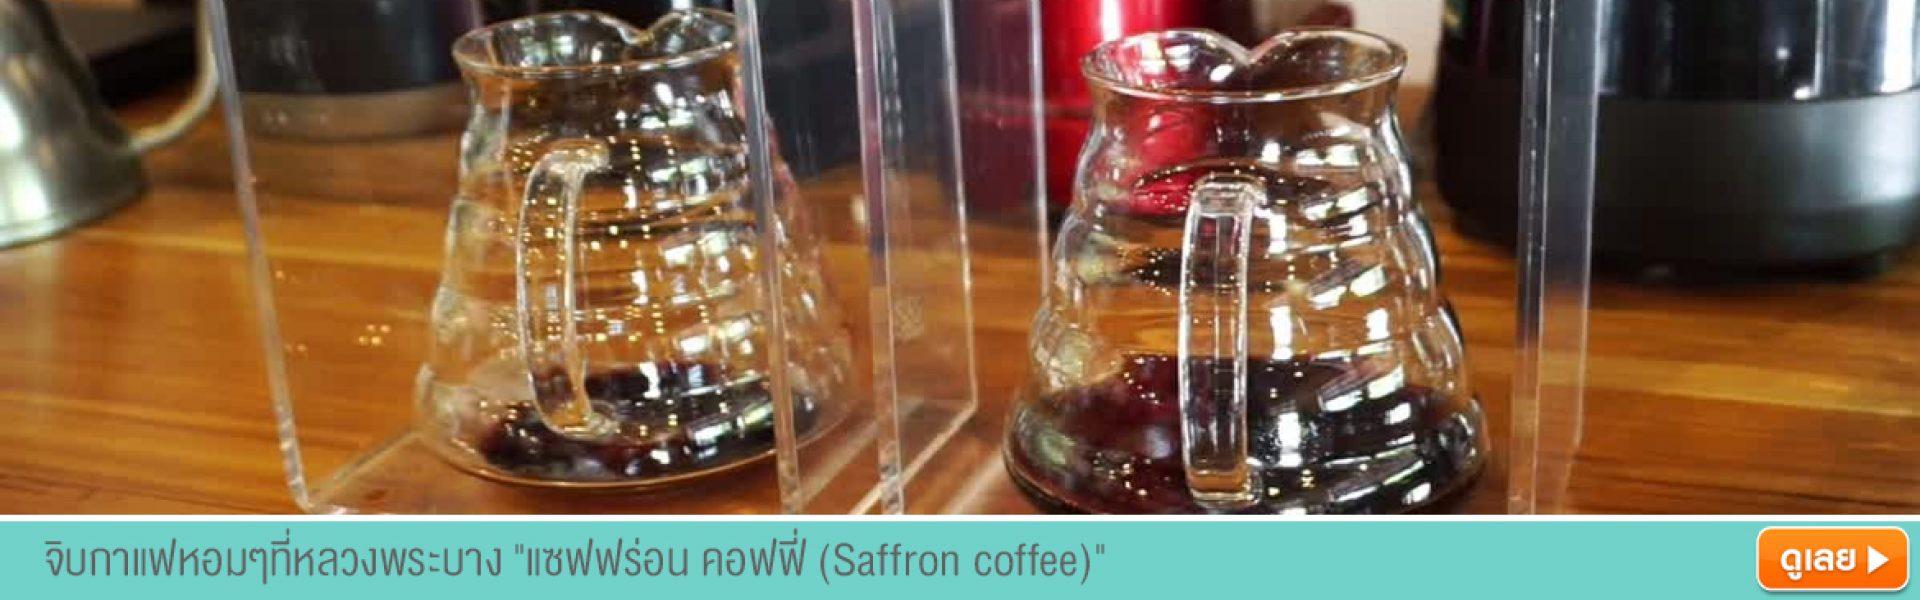 """ร้านน่านั่งหลวงพระบาง """"แซฟฟร่อน คอฟฟี่ (Saffron coffee)"""""""